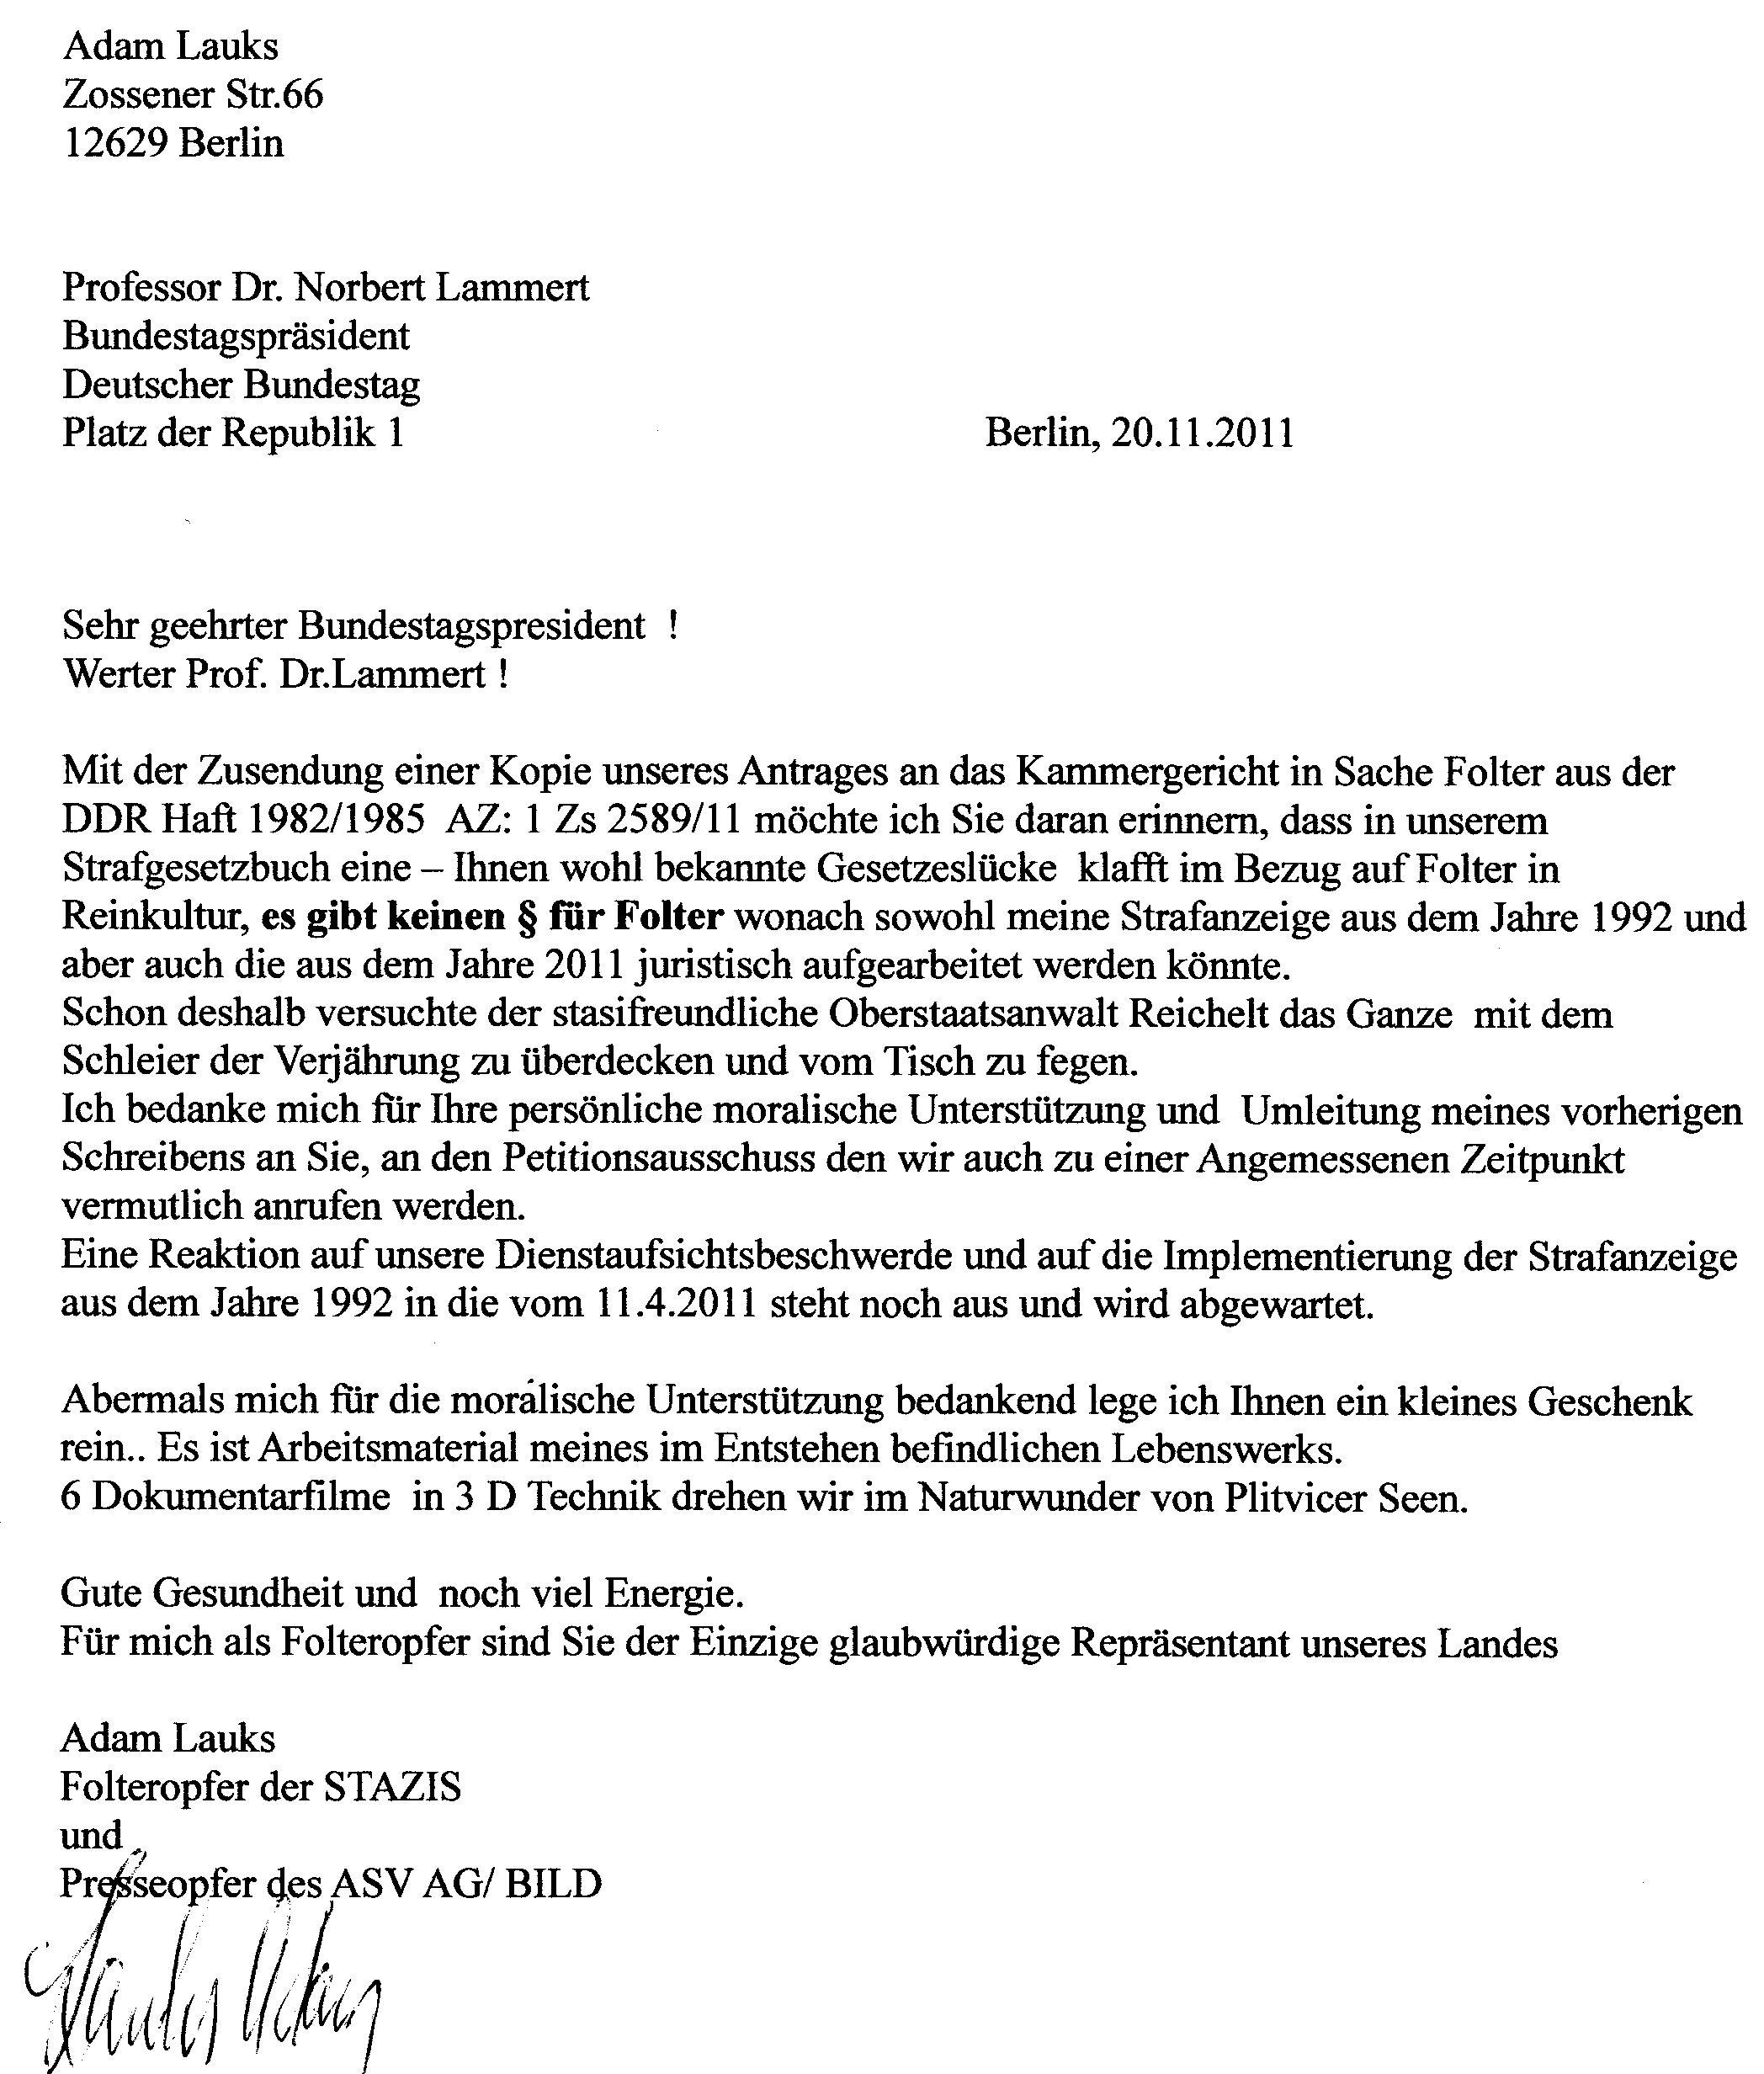 deutscher bundestag petitionsausschuss wir wollen beim thema bleiben es geht um folter in. Black Bedroom Furniture Sets. Home Design Ideas